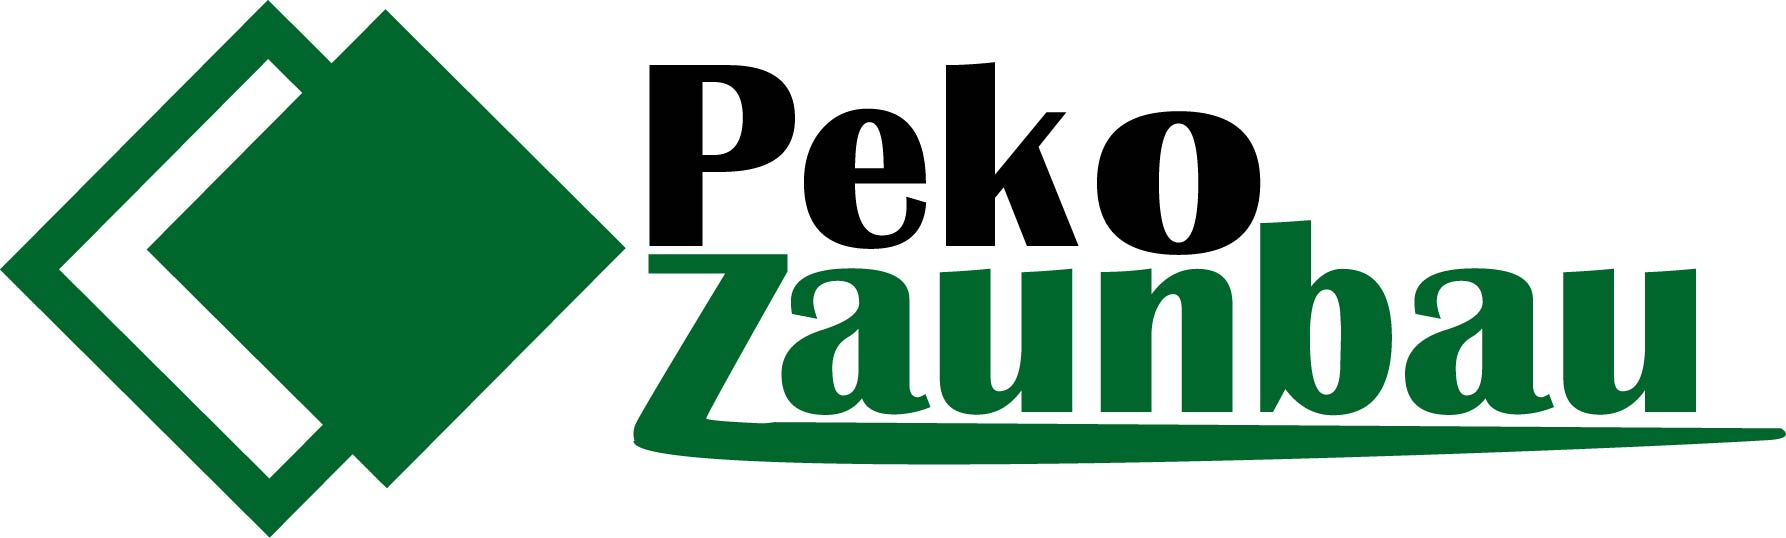 Peko Zaunbau